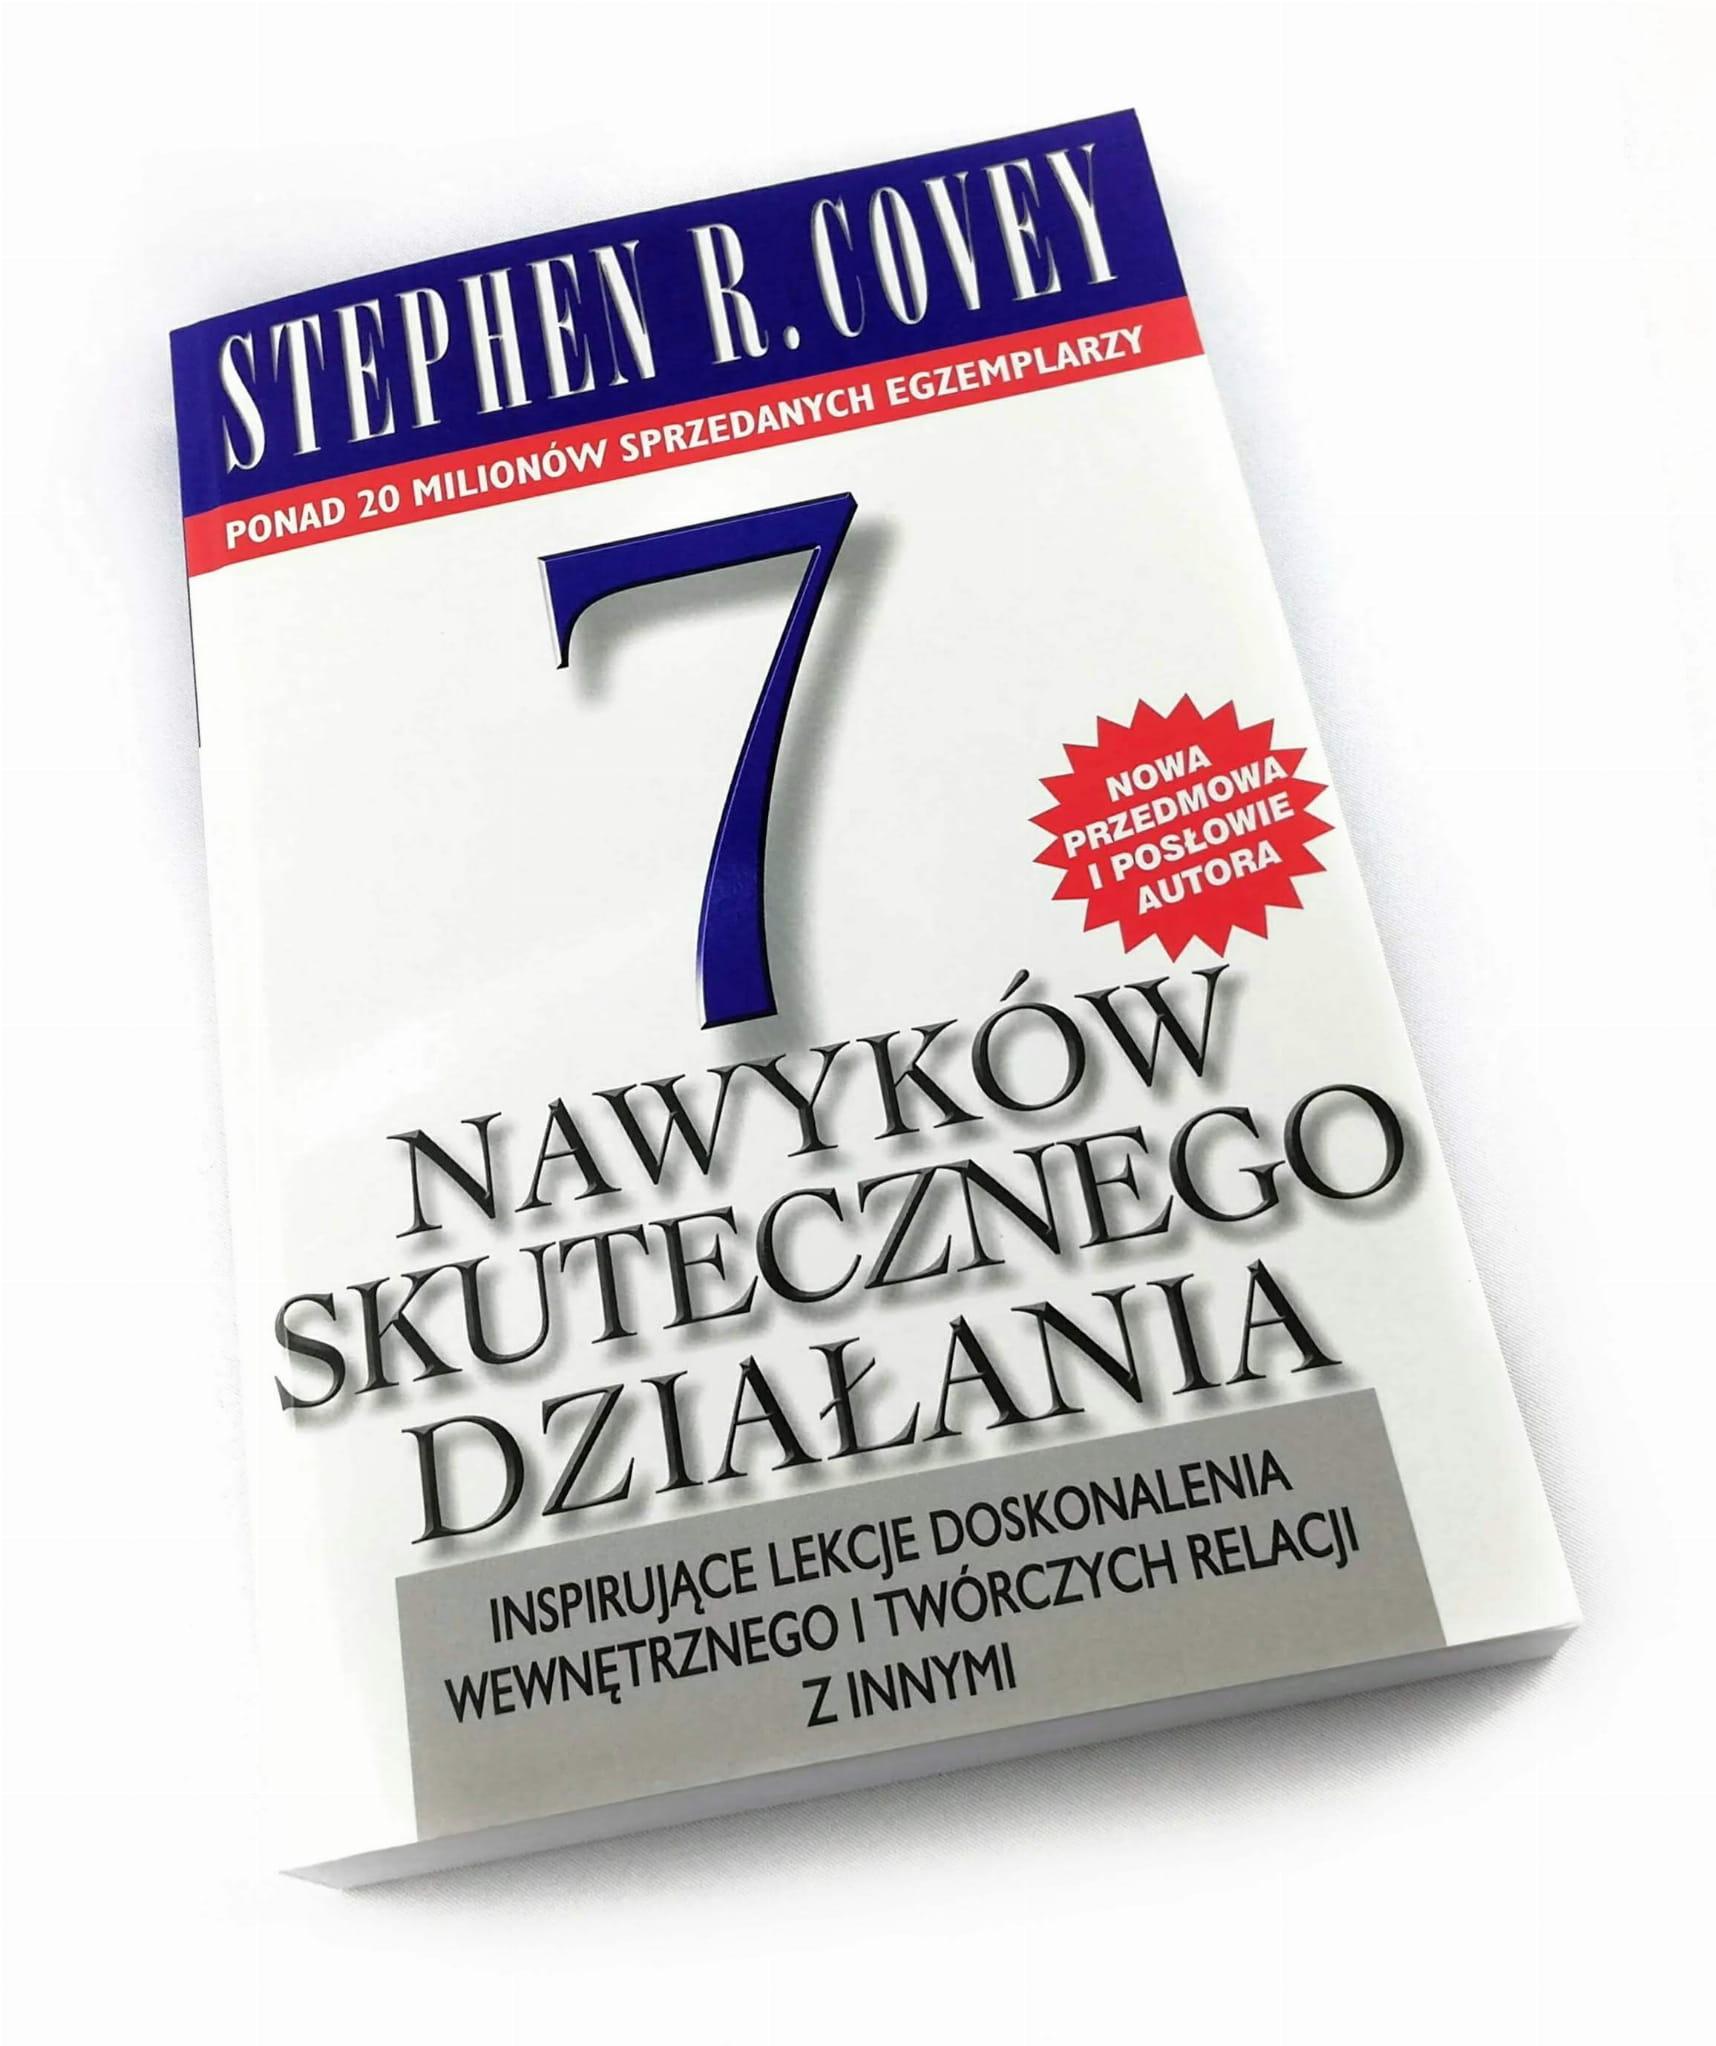 7 Nawyków Skutecznego Działania - Stephen R. Covey Rozwój osobisty i  motywacja Księgi Barneja - Książki od przedsiębiorców dla przedsiębiorców